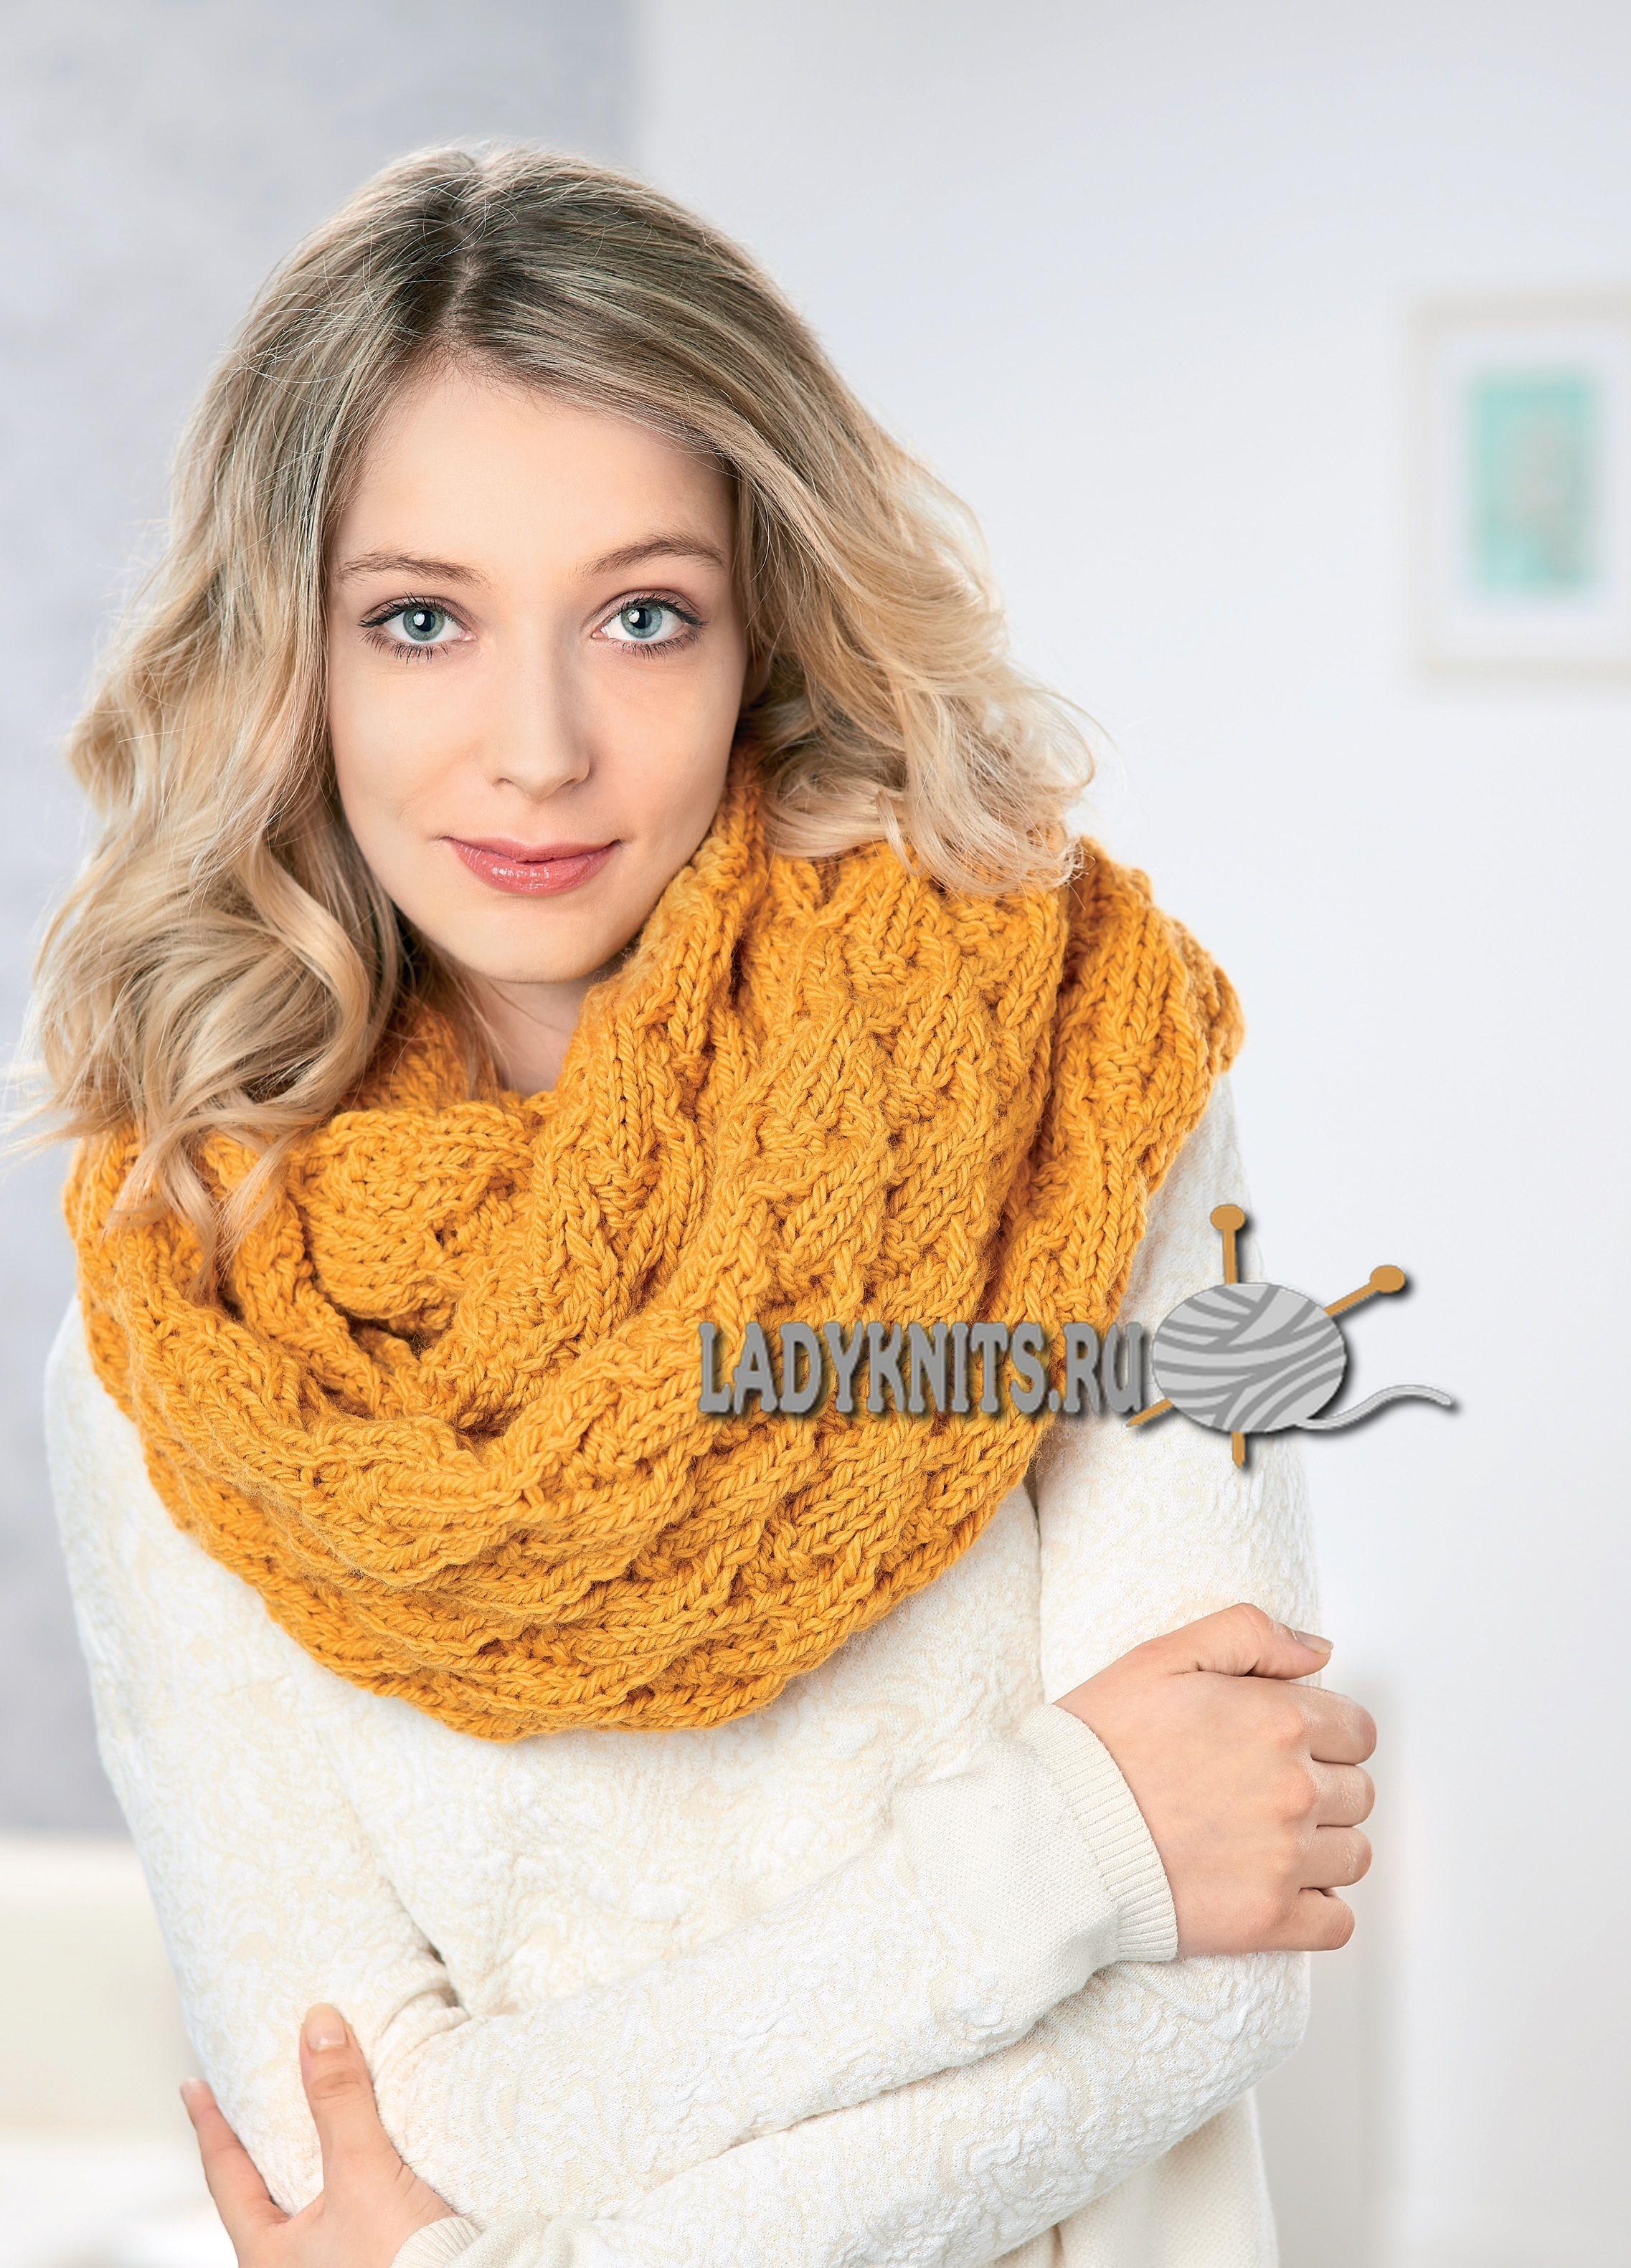 Вязанные шарфы снуды своими руками фото 870